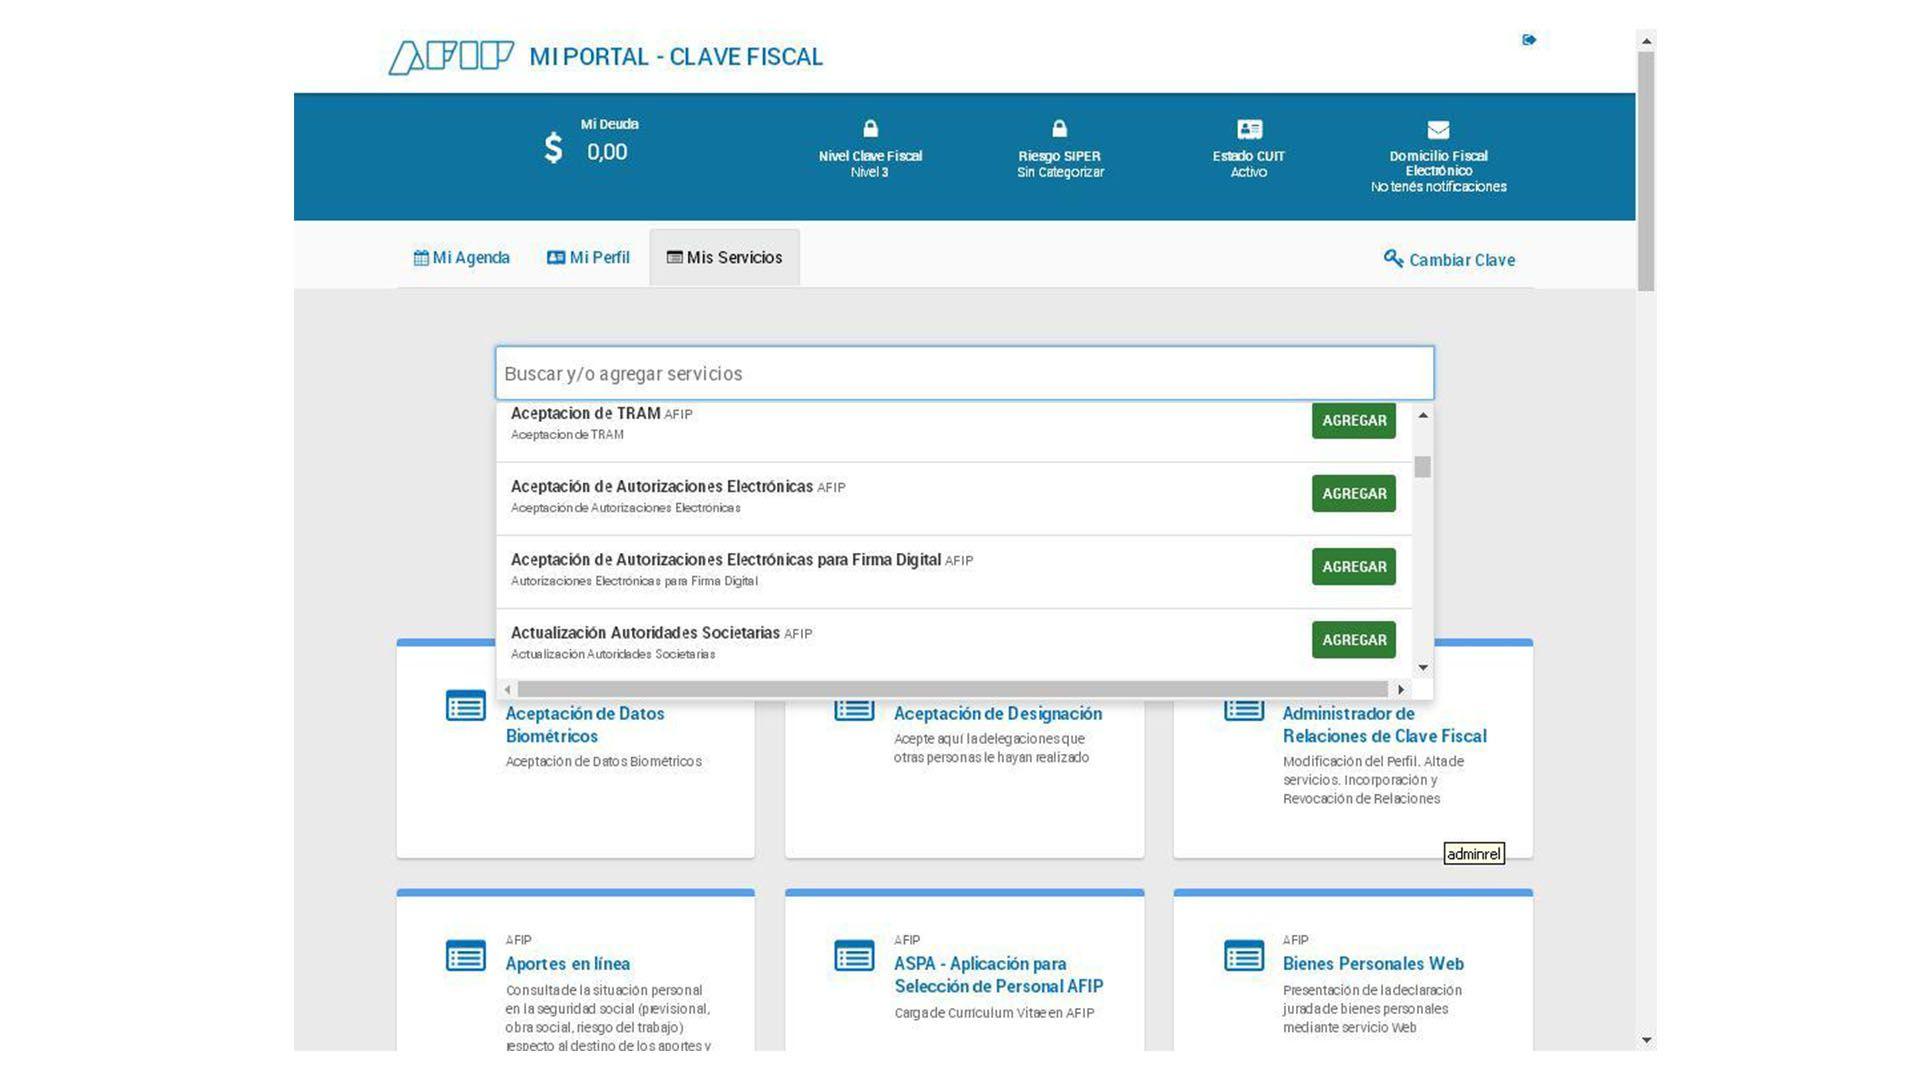 La pantalla inicial del Siradig en la web de la AFIP